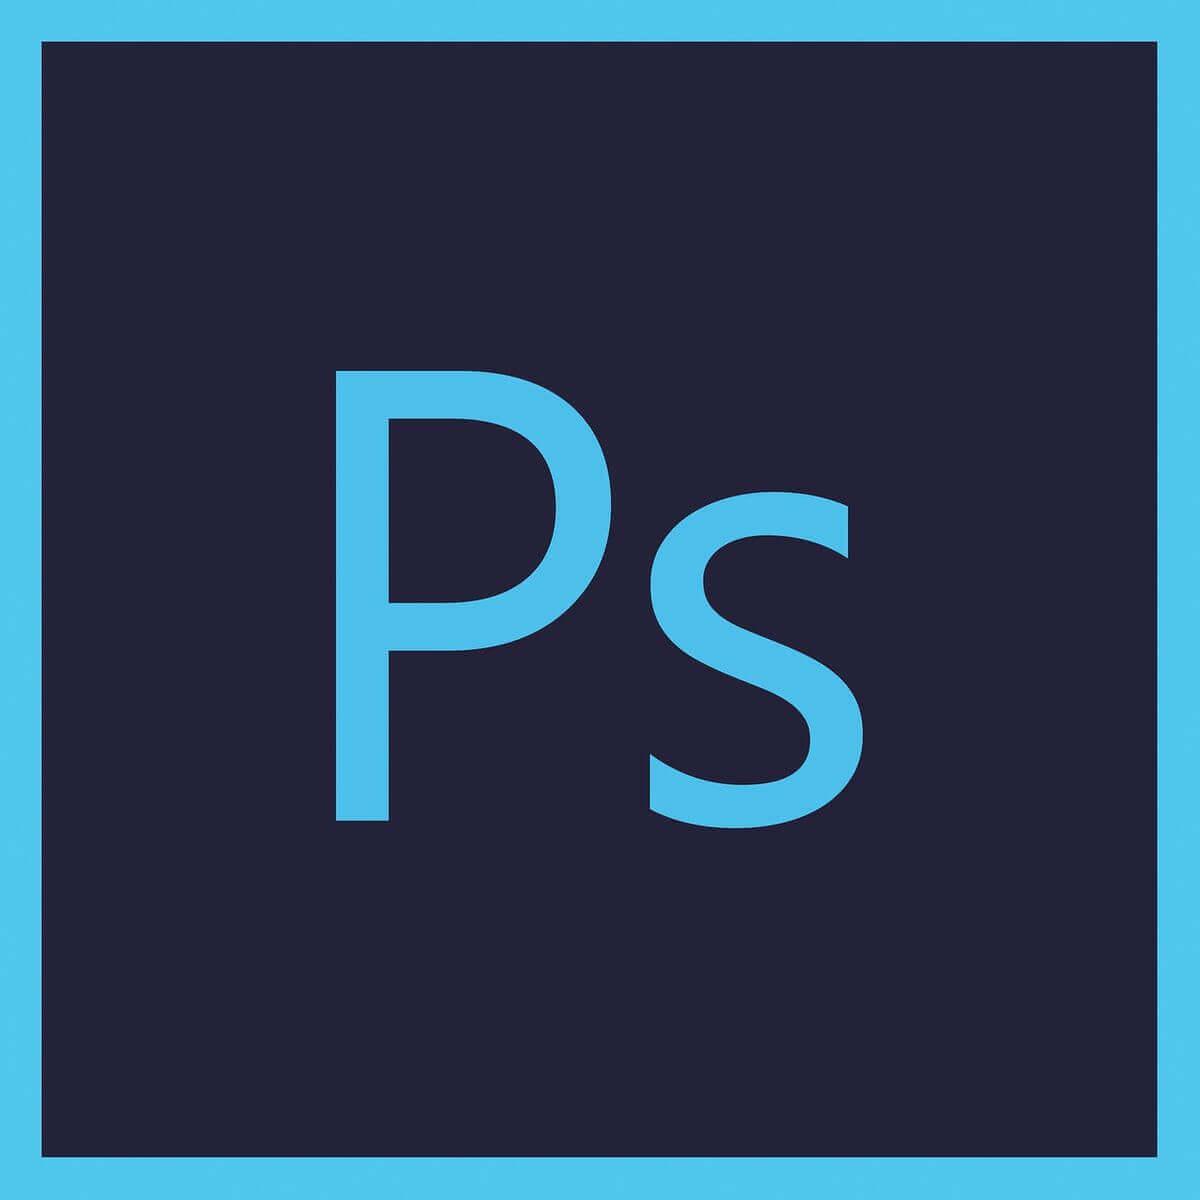 Cómo reparar el error de comprobación de seguridad del kernel en Photoshop